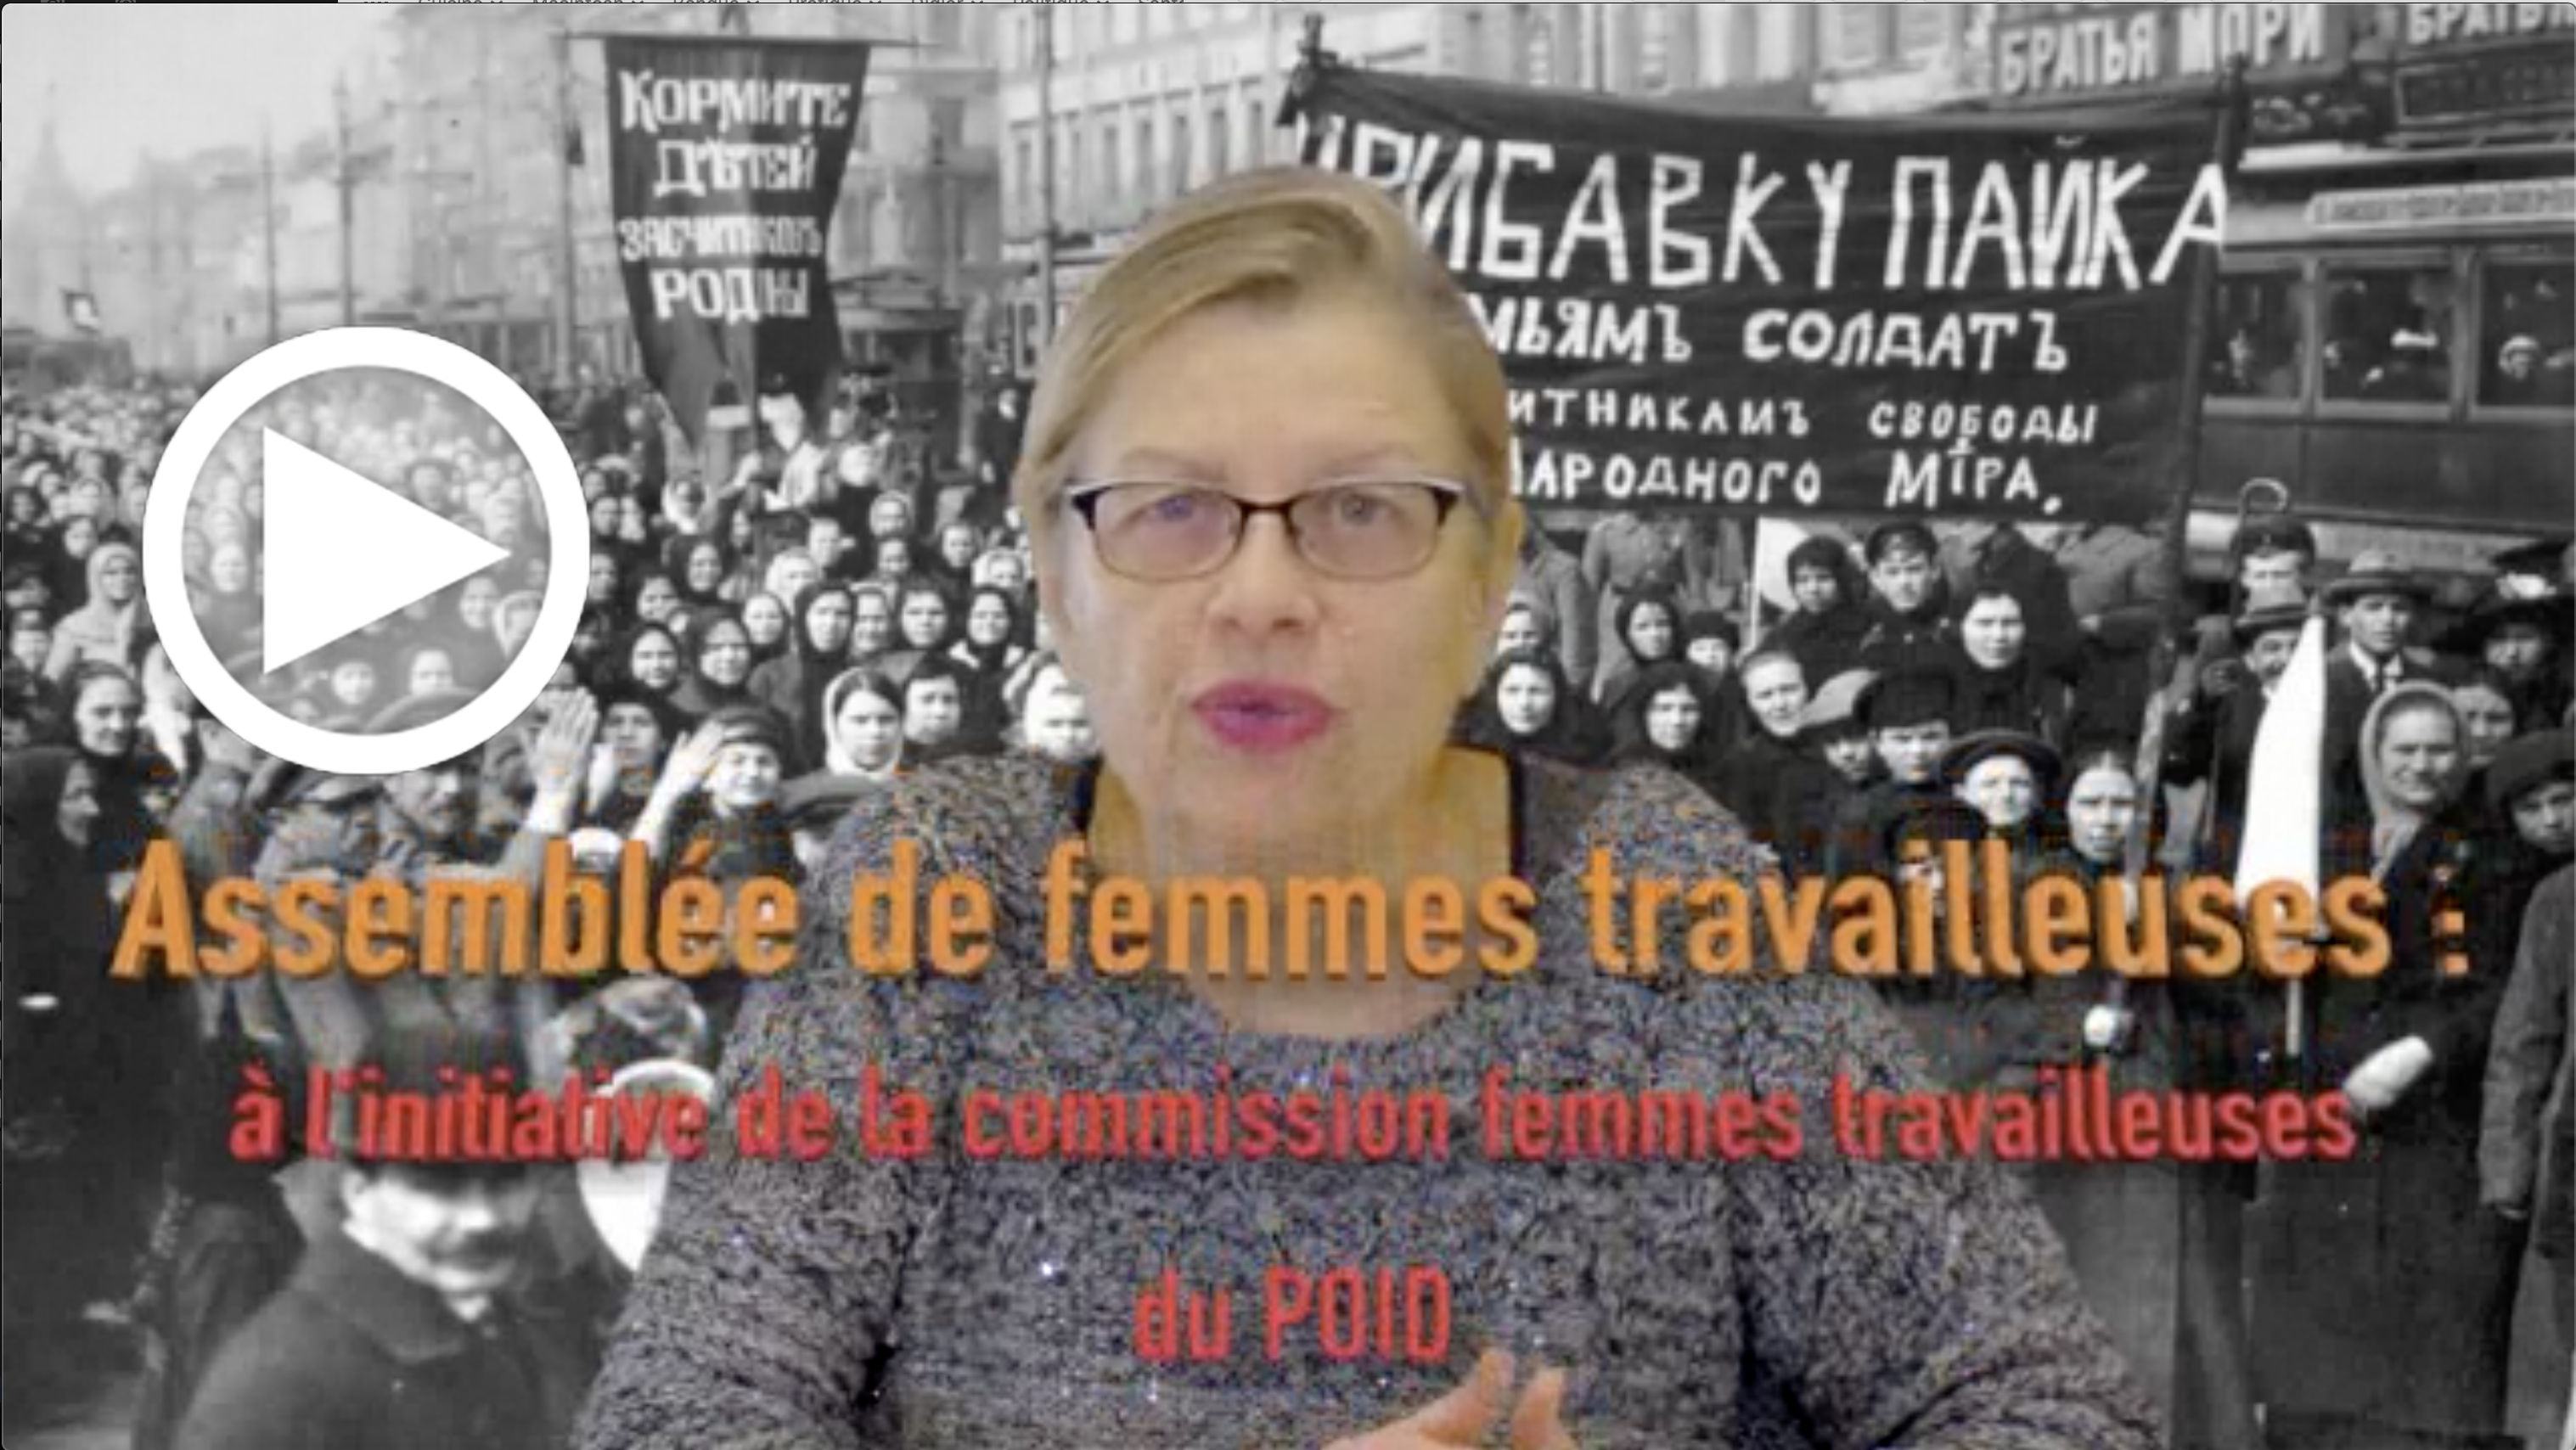 Les Infos-Hebdo du 27 février 2020 – Assemblée Femmes travailleuses à l'initiative de la commission Femmes travailleuses du POID